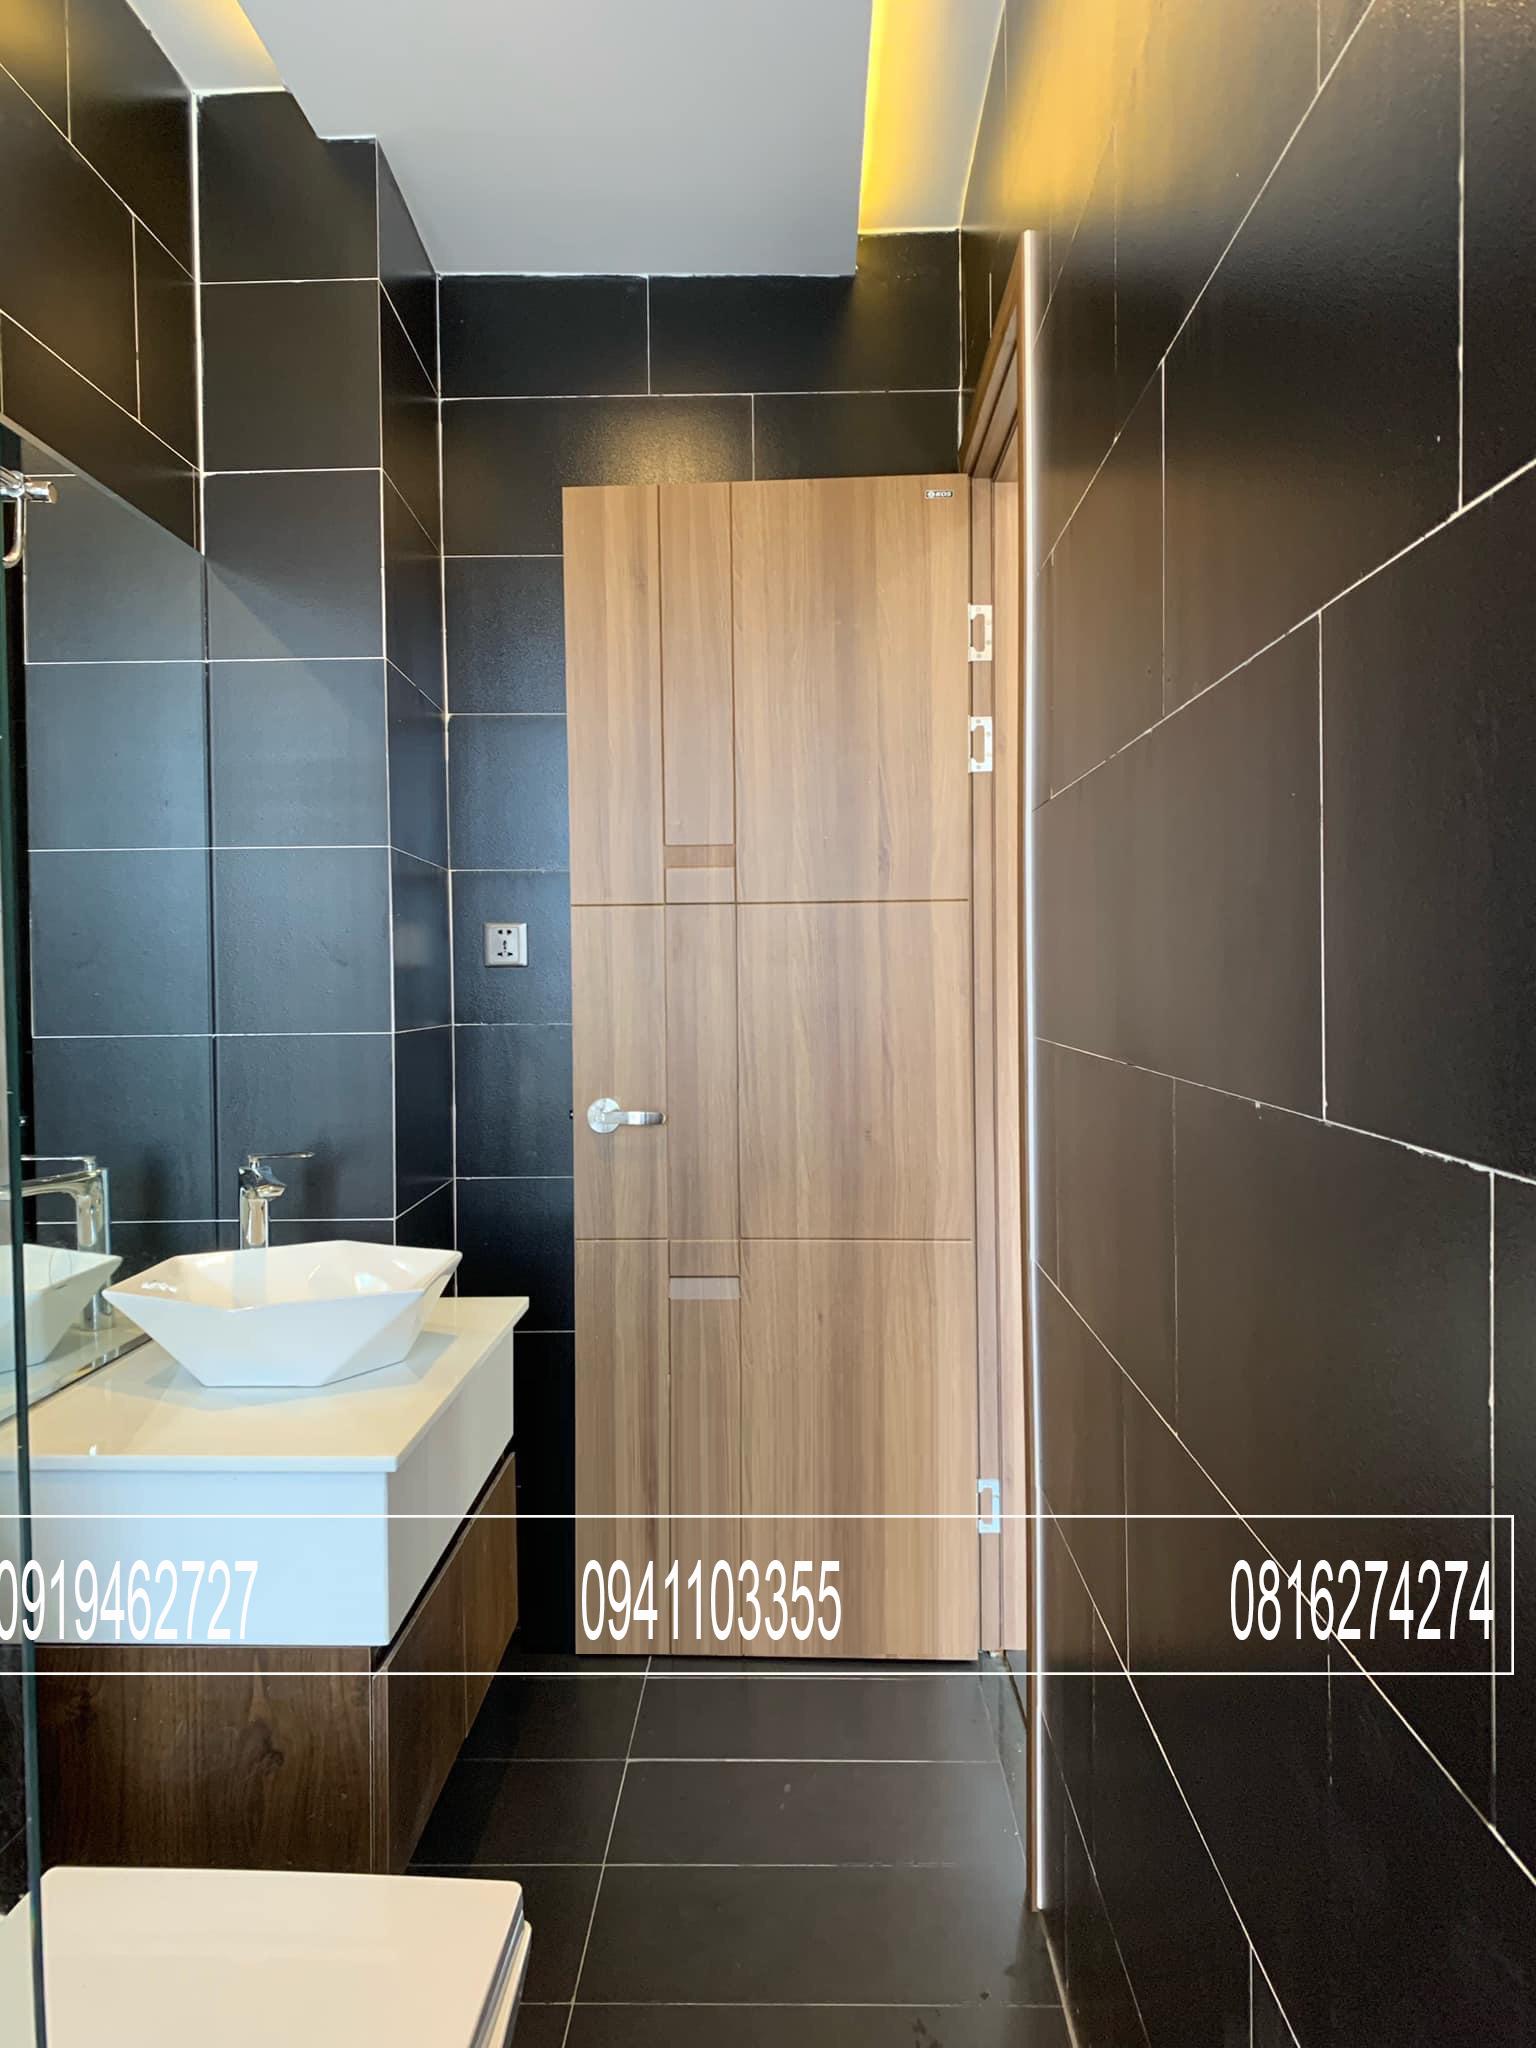 Cửa nhựa ABS Hàn Quốc mẫu 116-K1129 dành cho Toilet